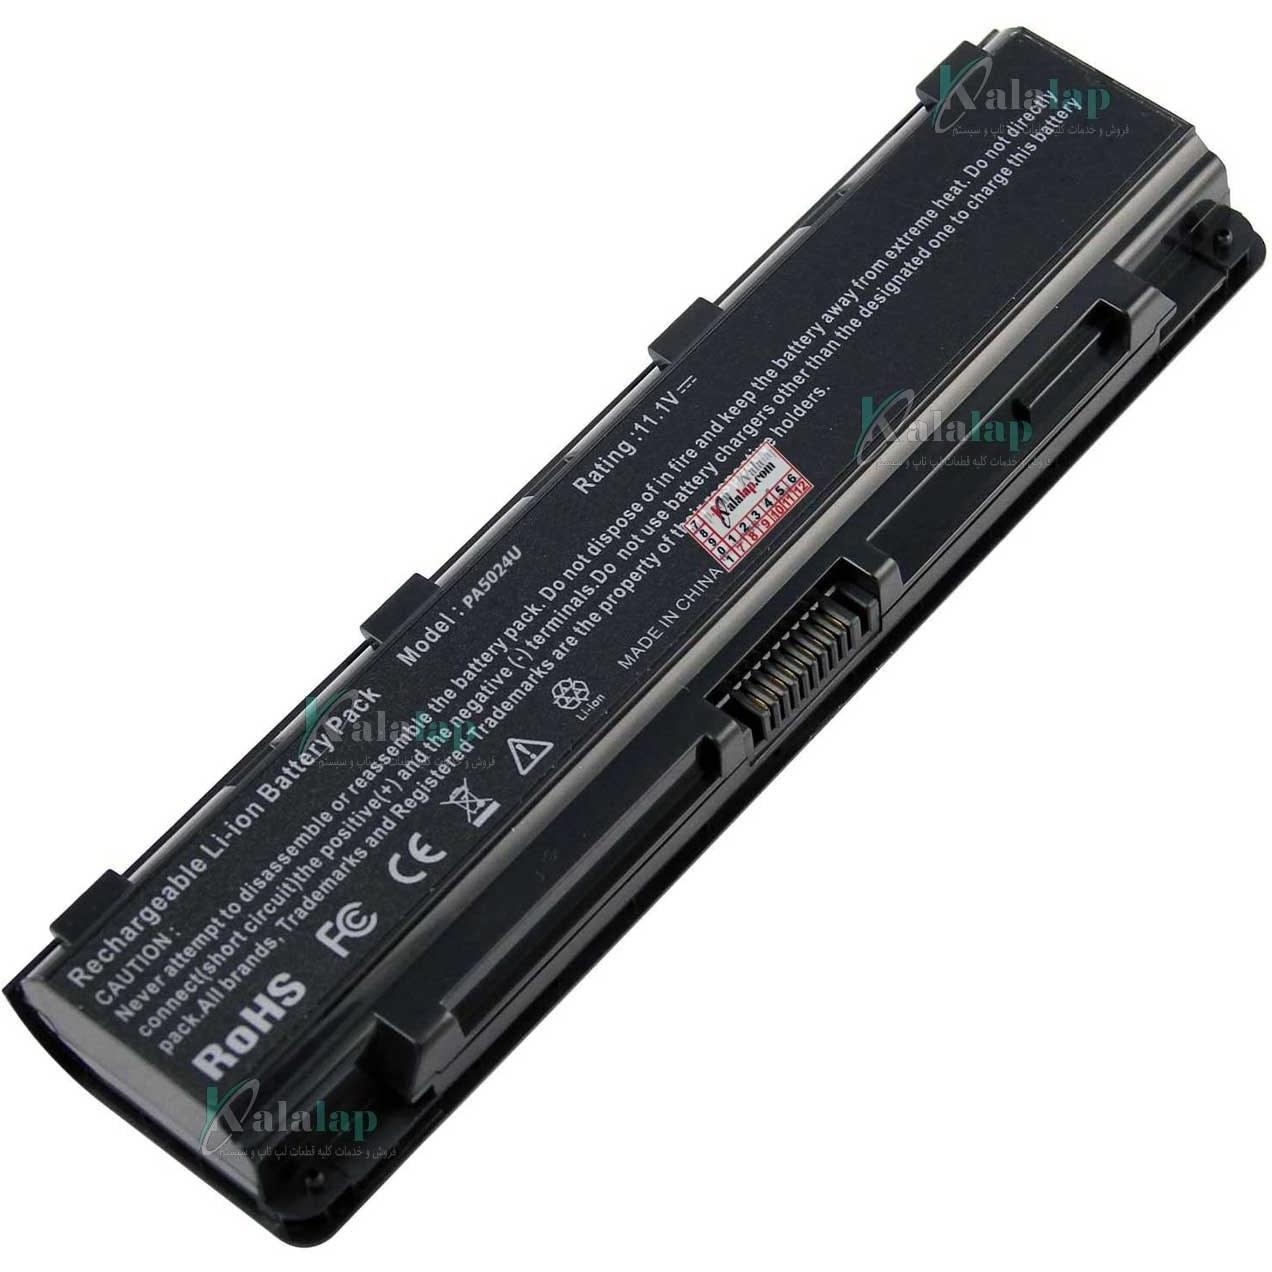 تصویر باتری لپ تاپ توشیبا PA5024U Battery Laptop Notebook Toshiba Satellite C55 C55Dt C55-A5300 C55Dt-A5241 C55t-A5222 C55-A5245